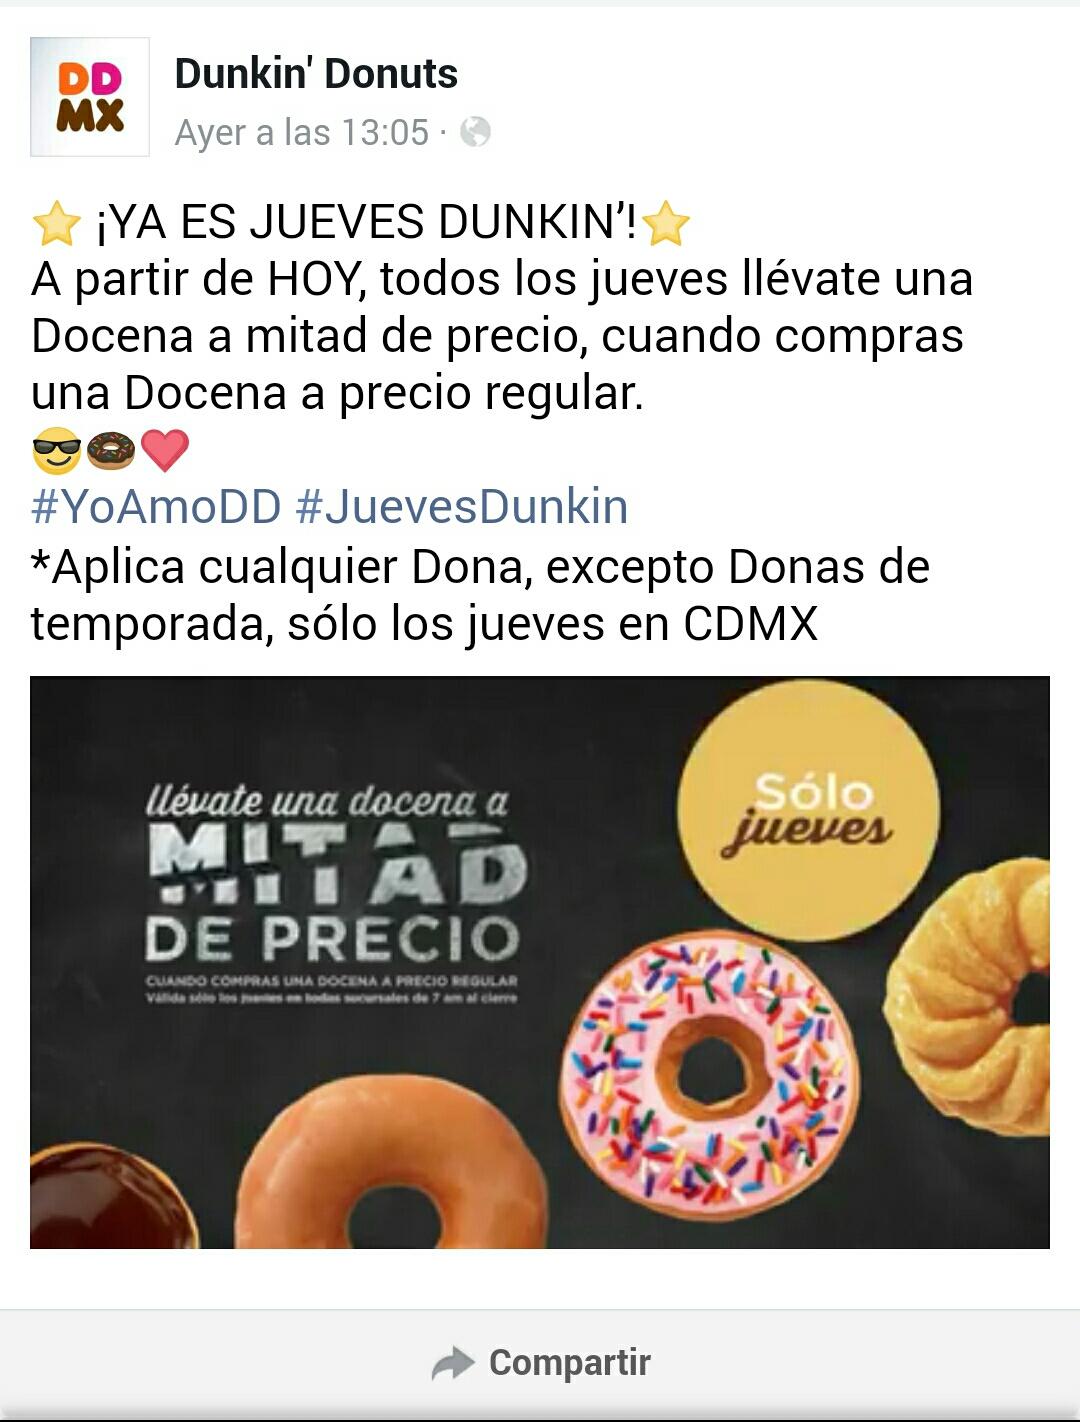 Dunkin' Donutus: Compra una docena y te dan 12 DONAS A MITAD DE PRECIO!!! (2 x1½)